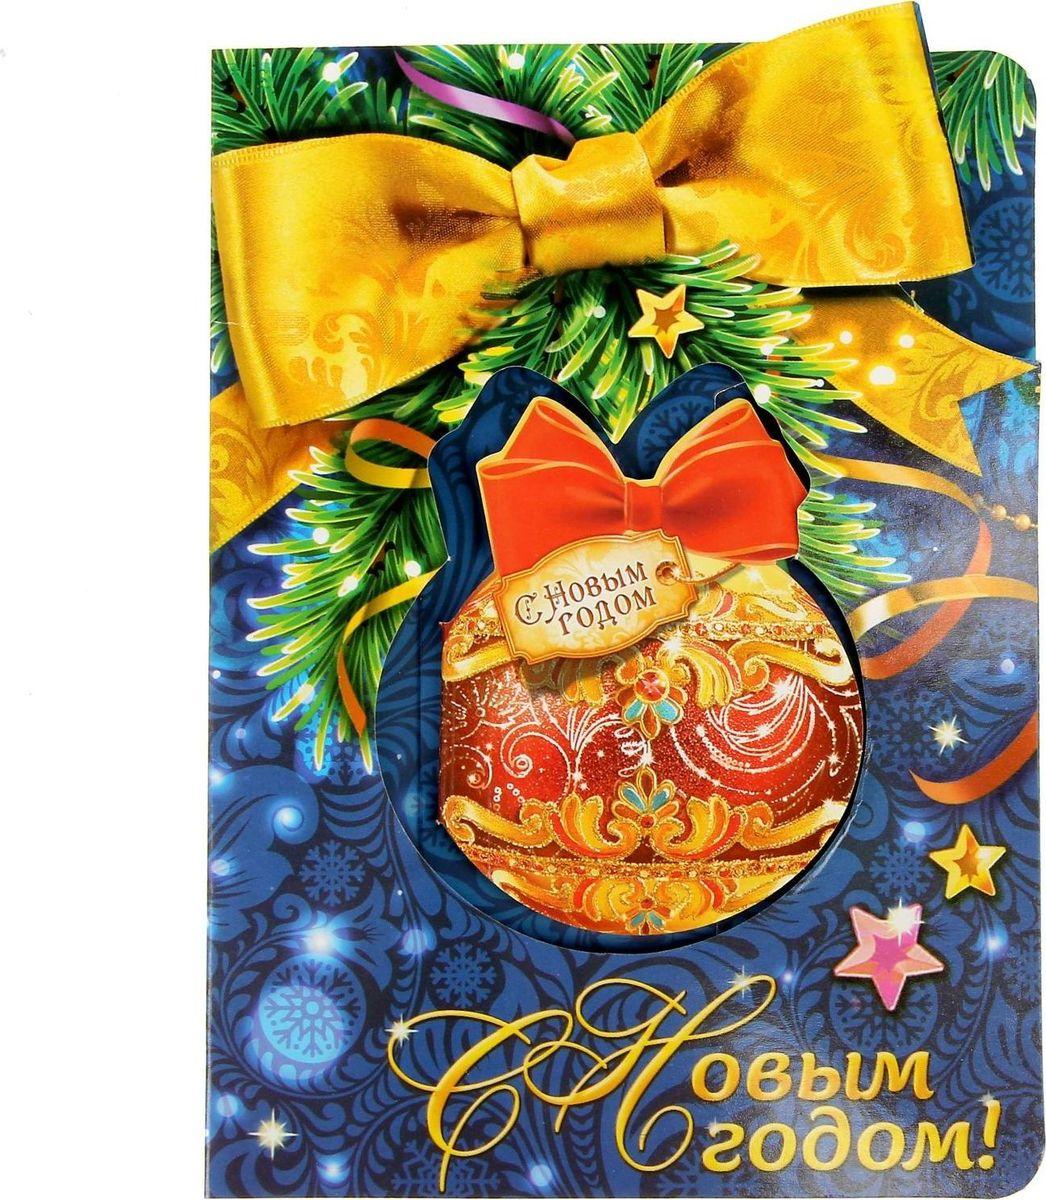 Набор с блокнотом и открыткой С новым годом 13505381348932Счастья в Новом году! Хотите преподнести другу или коллеге памятный, полезный и в то же время недорогой подарок? Блокнот на открытке — то, что нужно! На нем уже написаны душевные пожелания, поэтому вам не придется долго подбирать нужные слова, чтобы поздравить дорогого человека. Благодаря мини-формату блокнот удобно носить с собой в кармане или сумке, чтобы он всегда был под рукой.